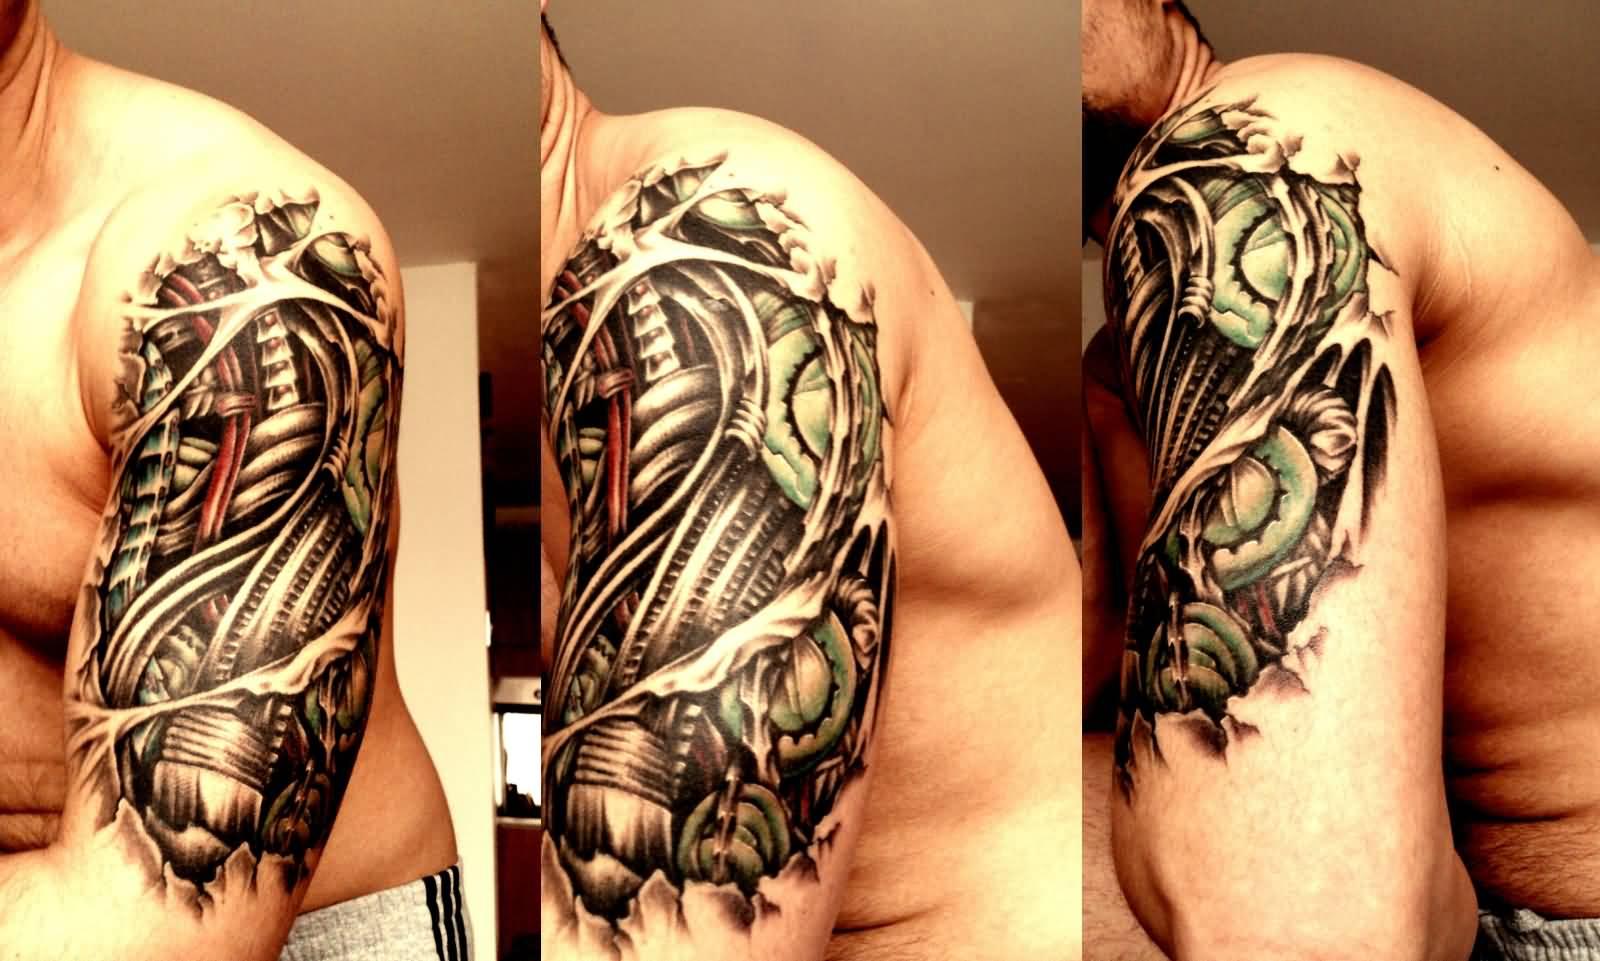 Tattoo gear tattoo sleeve mechanic tattoo mechanical tattoo gears - Awesome 3d Biomechanical Tattoo On Left Half Sleeve